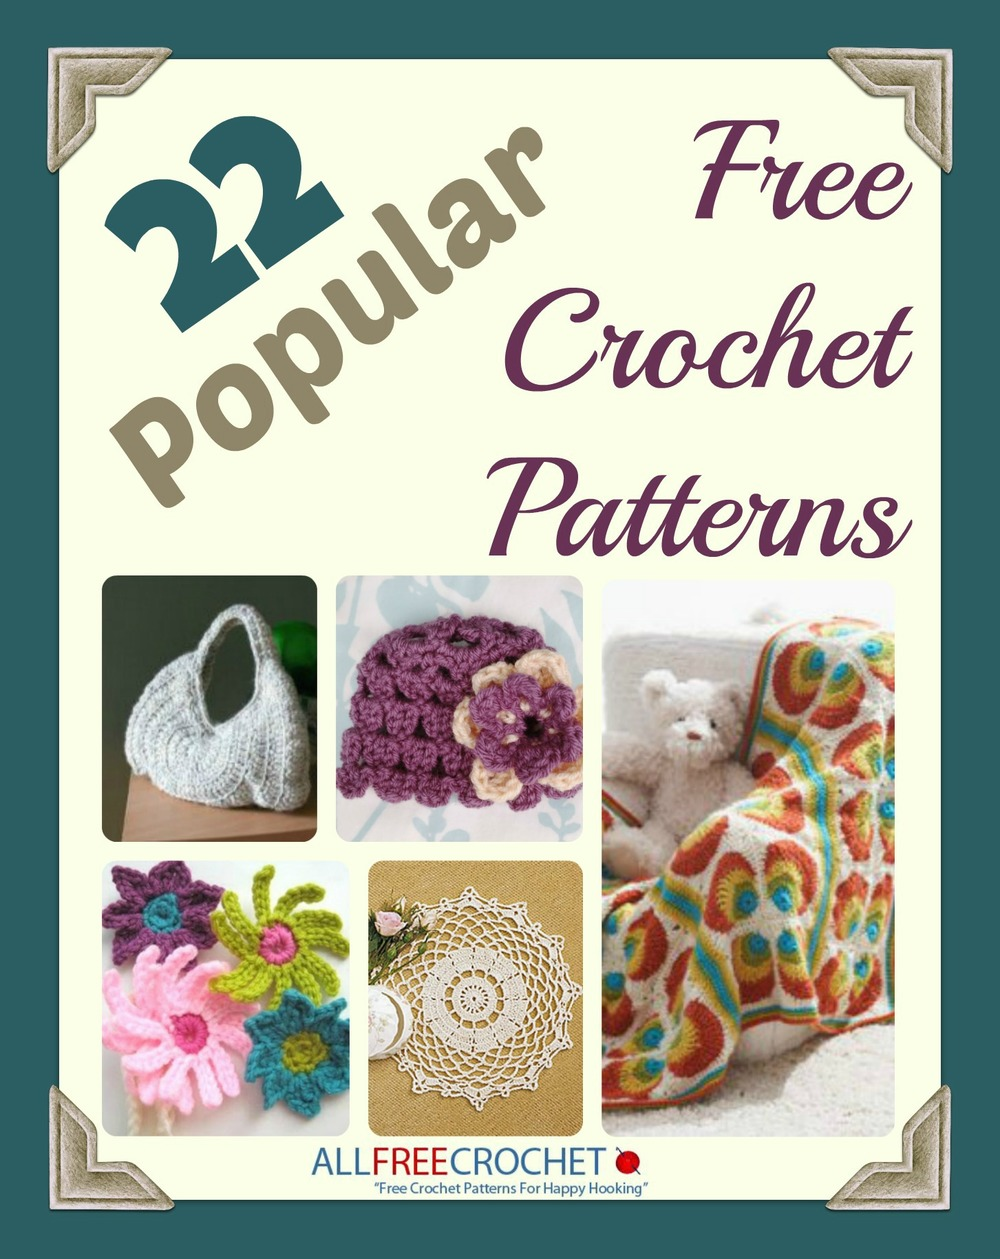 22 Popular Free Crochet Patterns Ebook Allfreecrochet